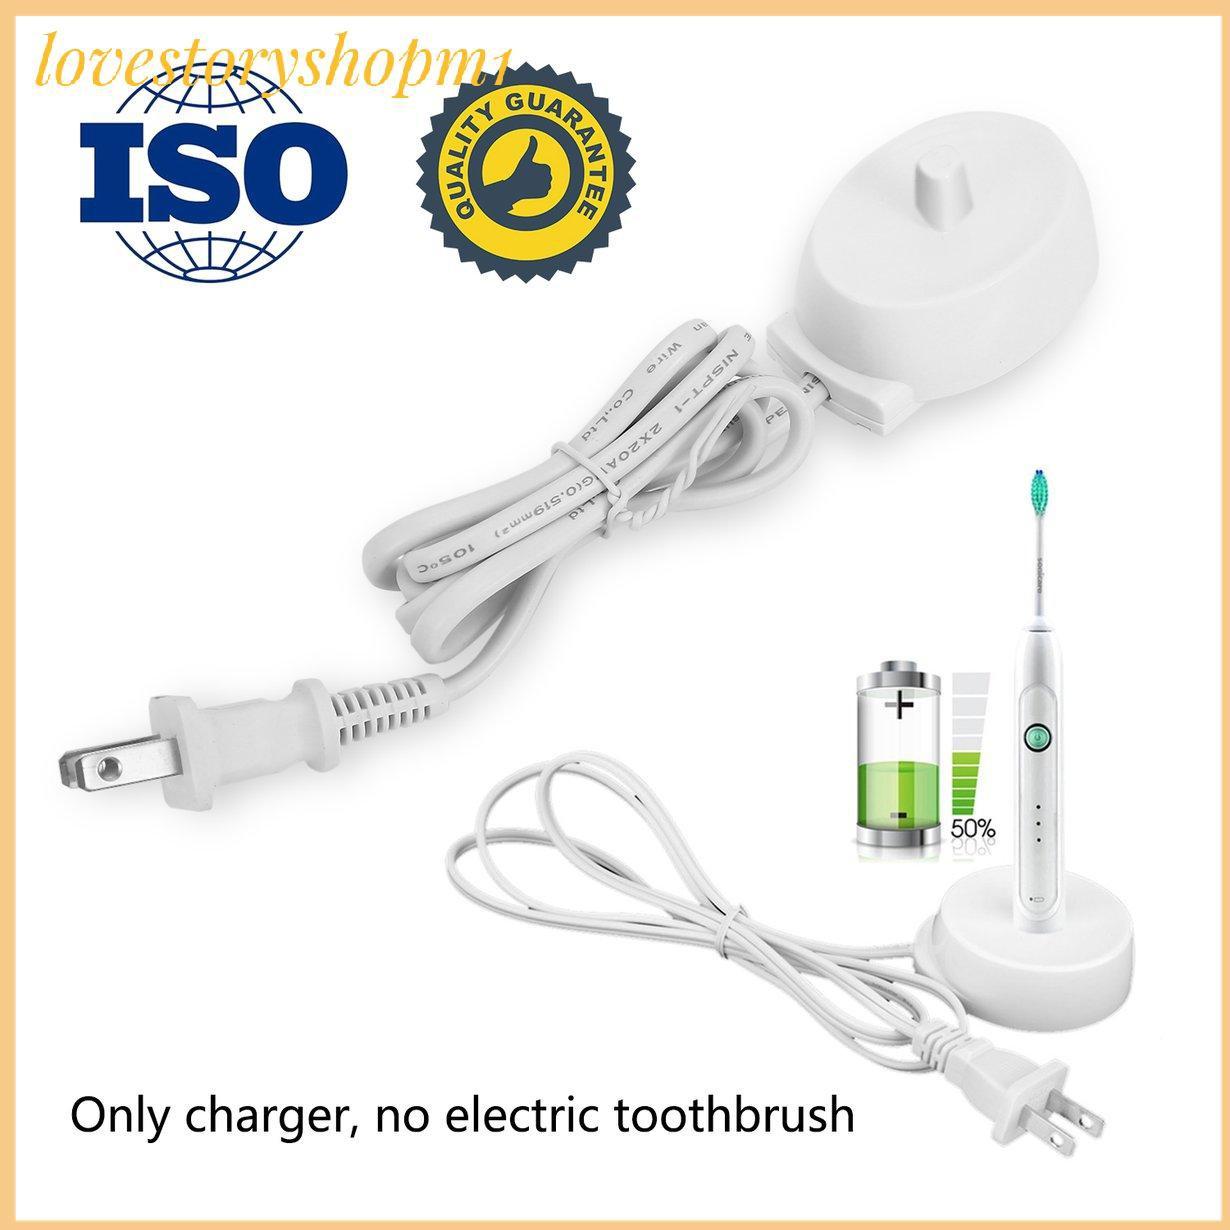 【新品上架】適用於Braun Oral-b D17 OC18的3757型電動牙刷充電器